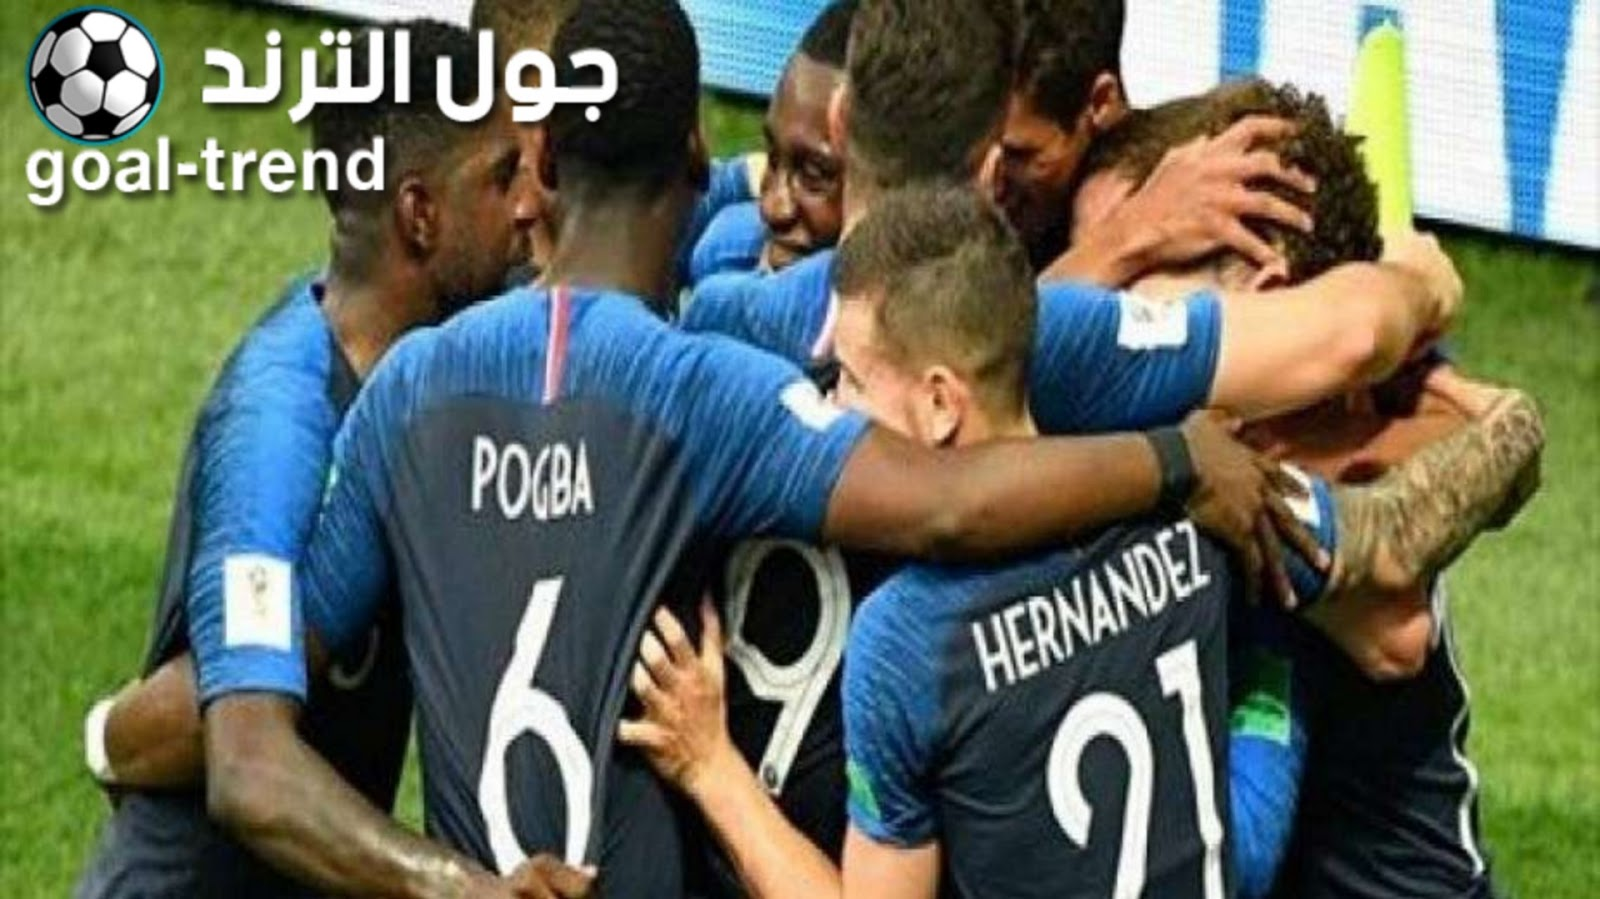 نتيجة مواجهة منتخب تركيا وفرنسا يوم السبت في التصفيات المؤهلة ليورو 2020